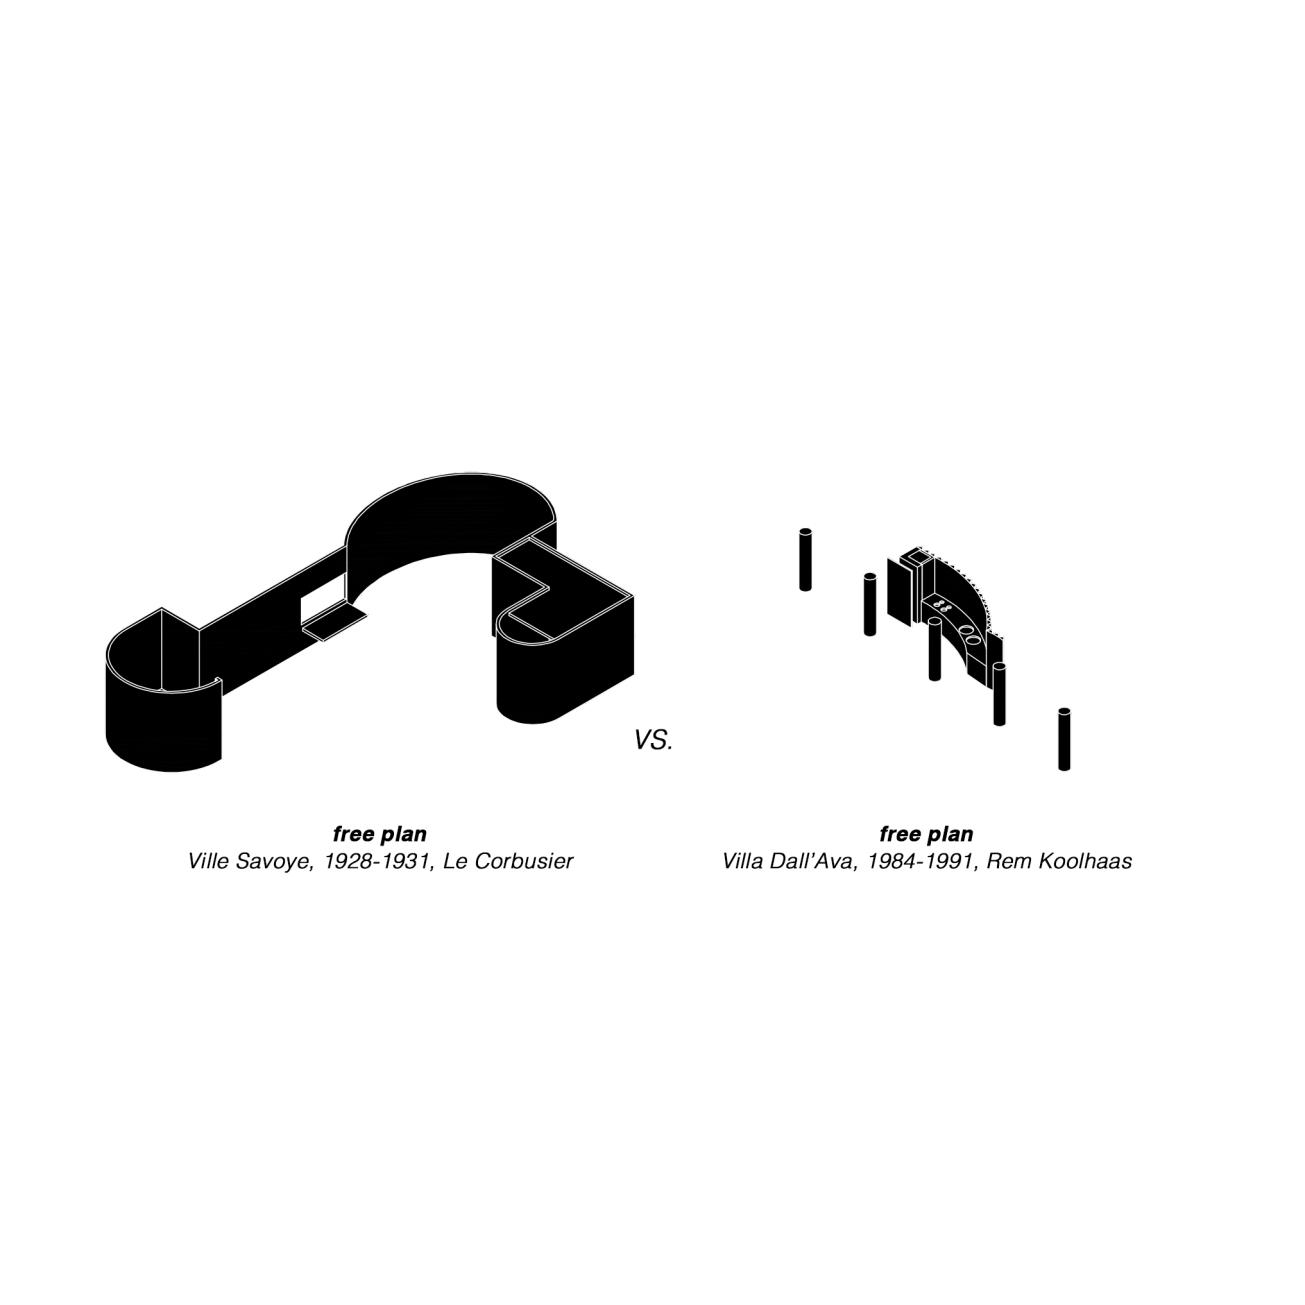 08_Free-plan_Ville Savoye vs Villa Dall'Ava_Alex-Duro_2016_Master-Degree-in-Advanced-Architecture-Projects_ETSAM